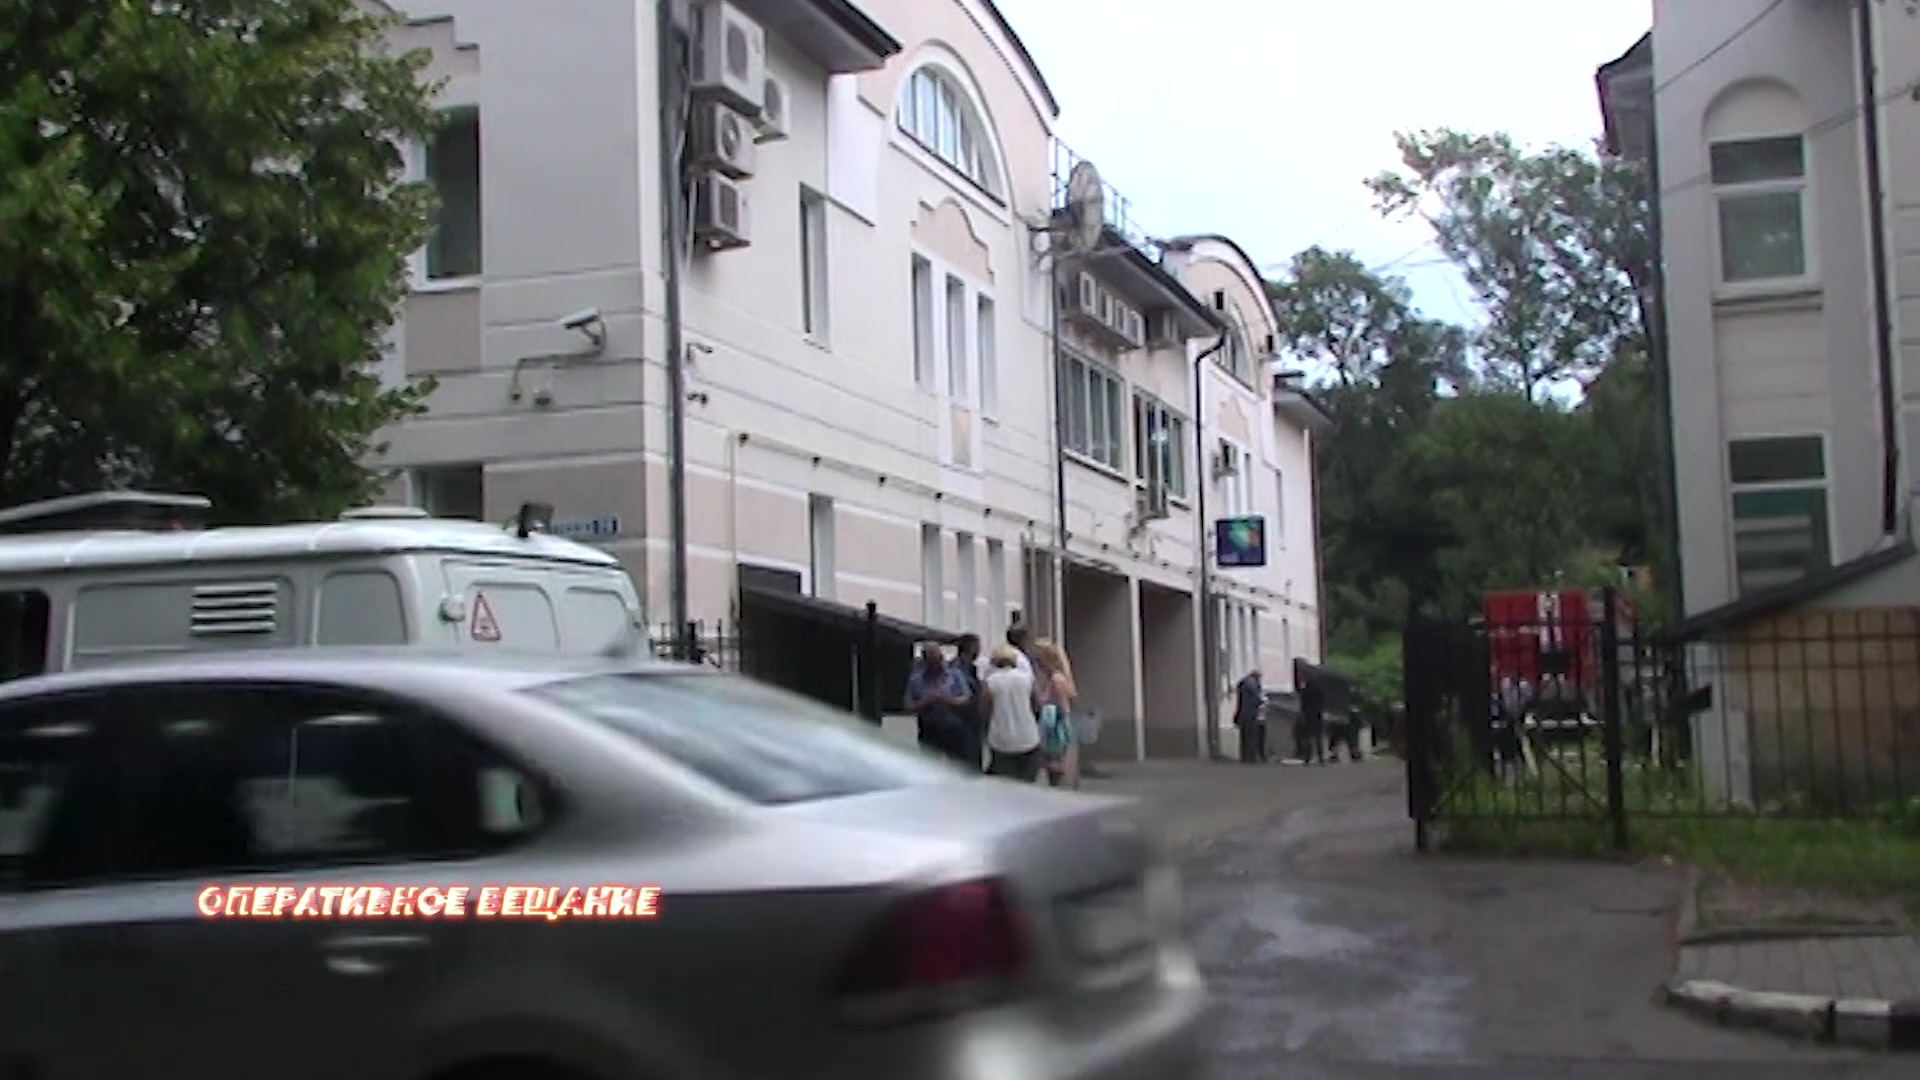 Помещение заполнилось дымом: в Ярославле из-за пожара эвакуировали банк